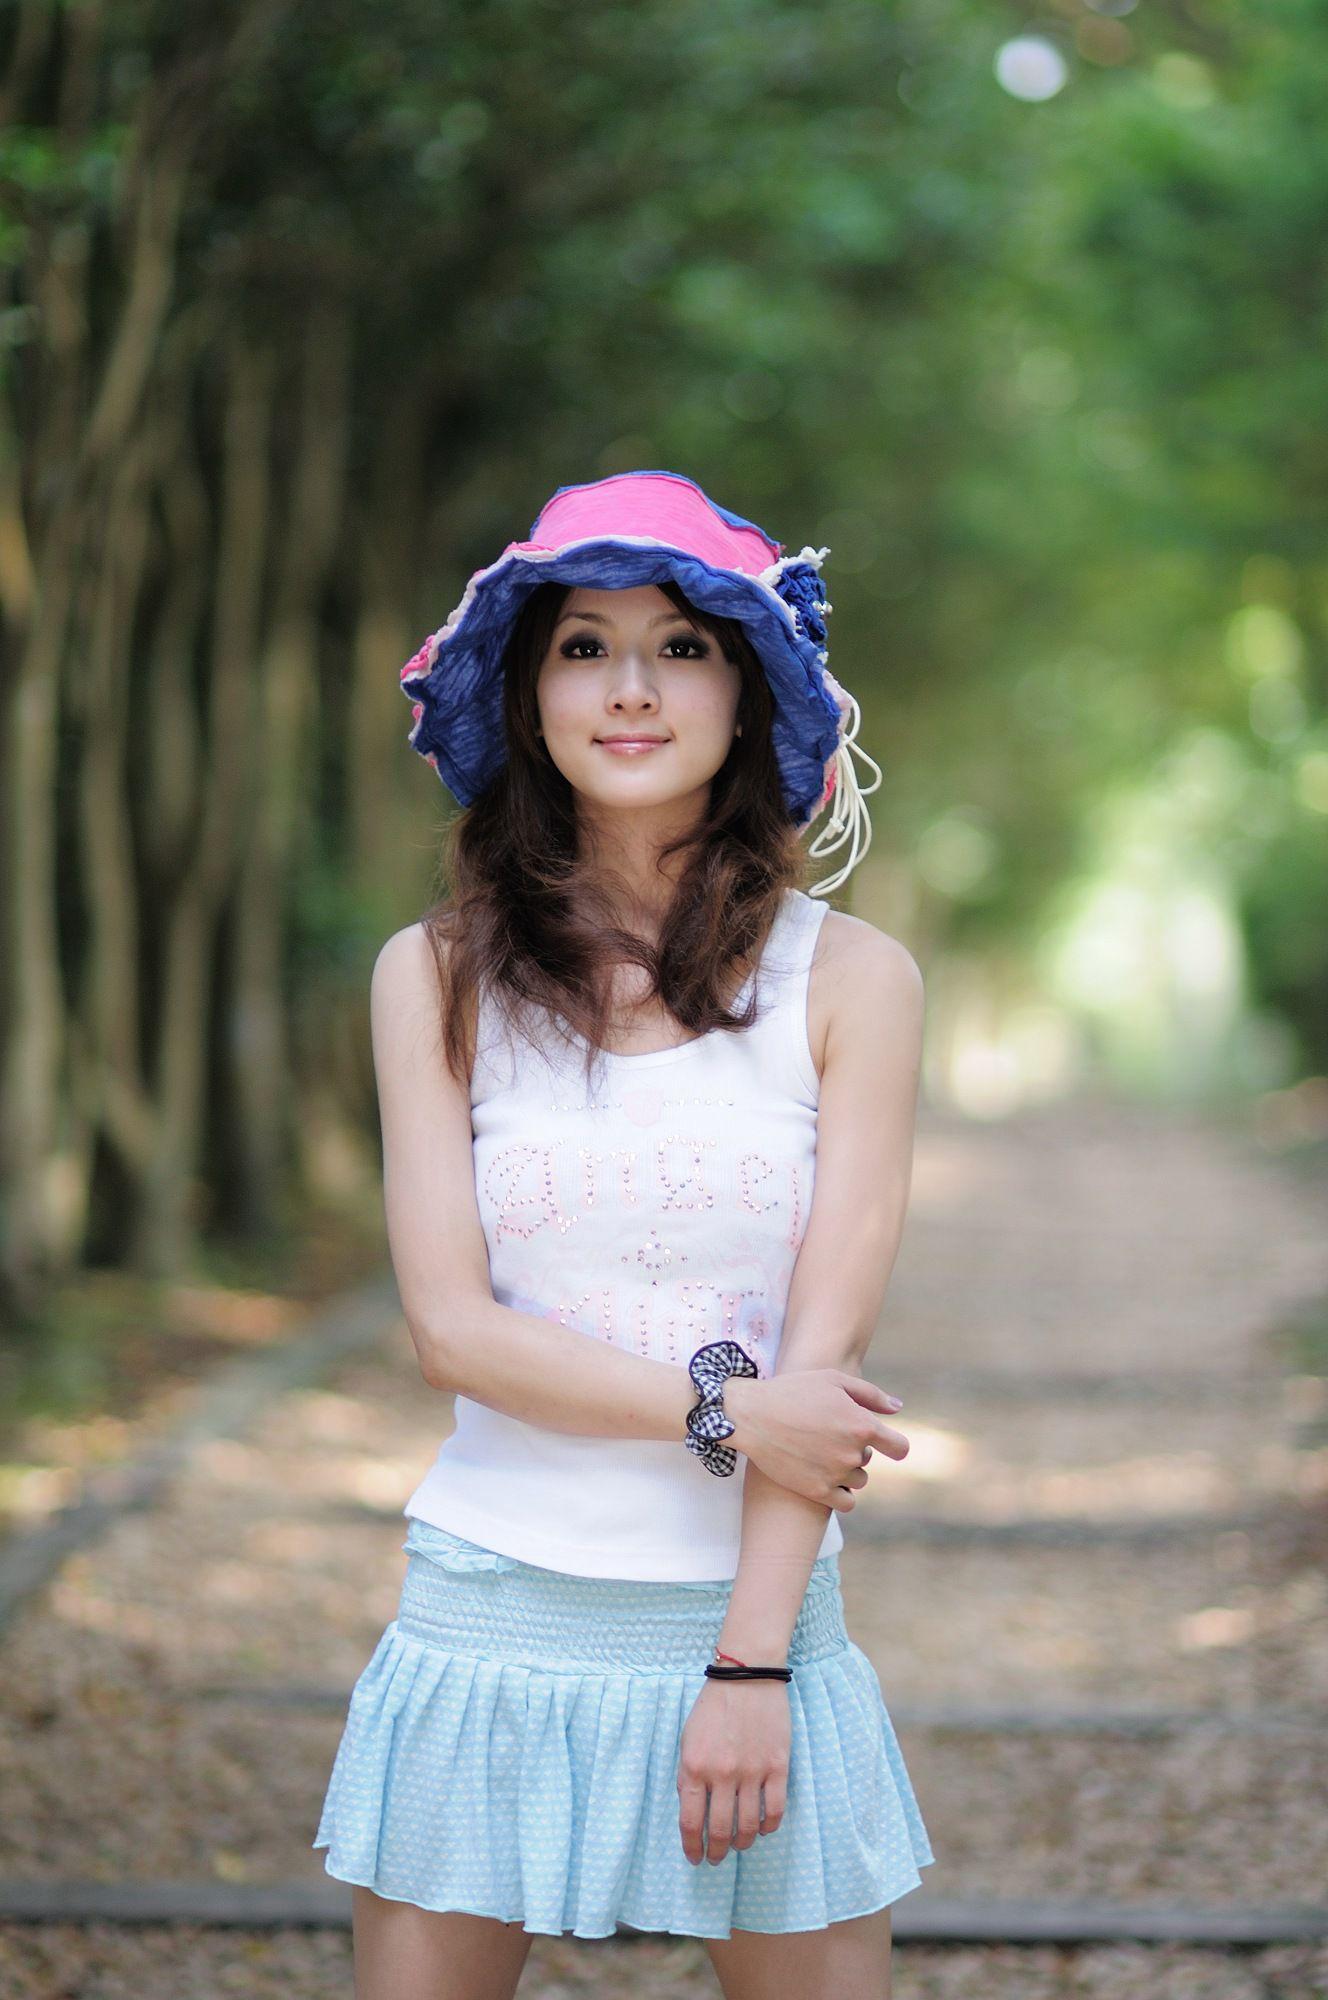 VOL.247 [台湾正妹]可爱清纯甜美软妹:张凯洁(张允霏,果子MM)高品质写真套图(84P)